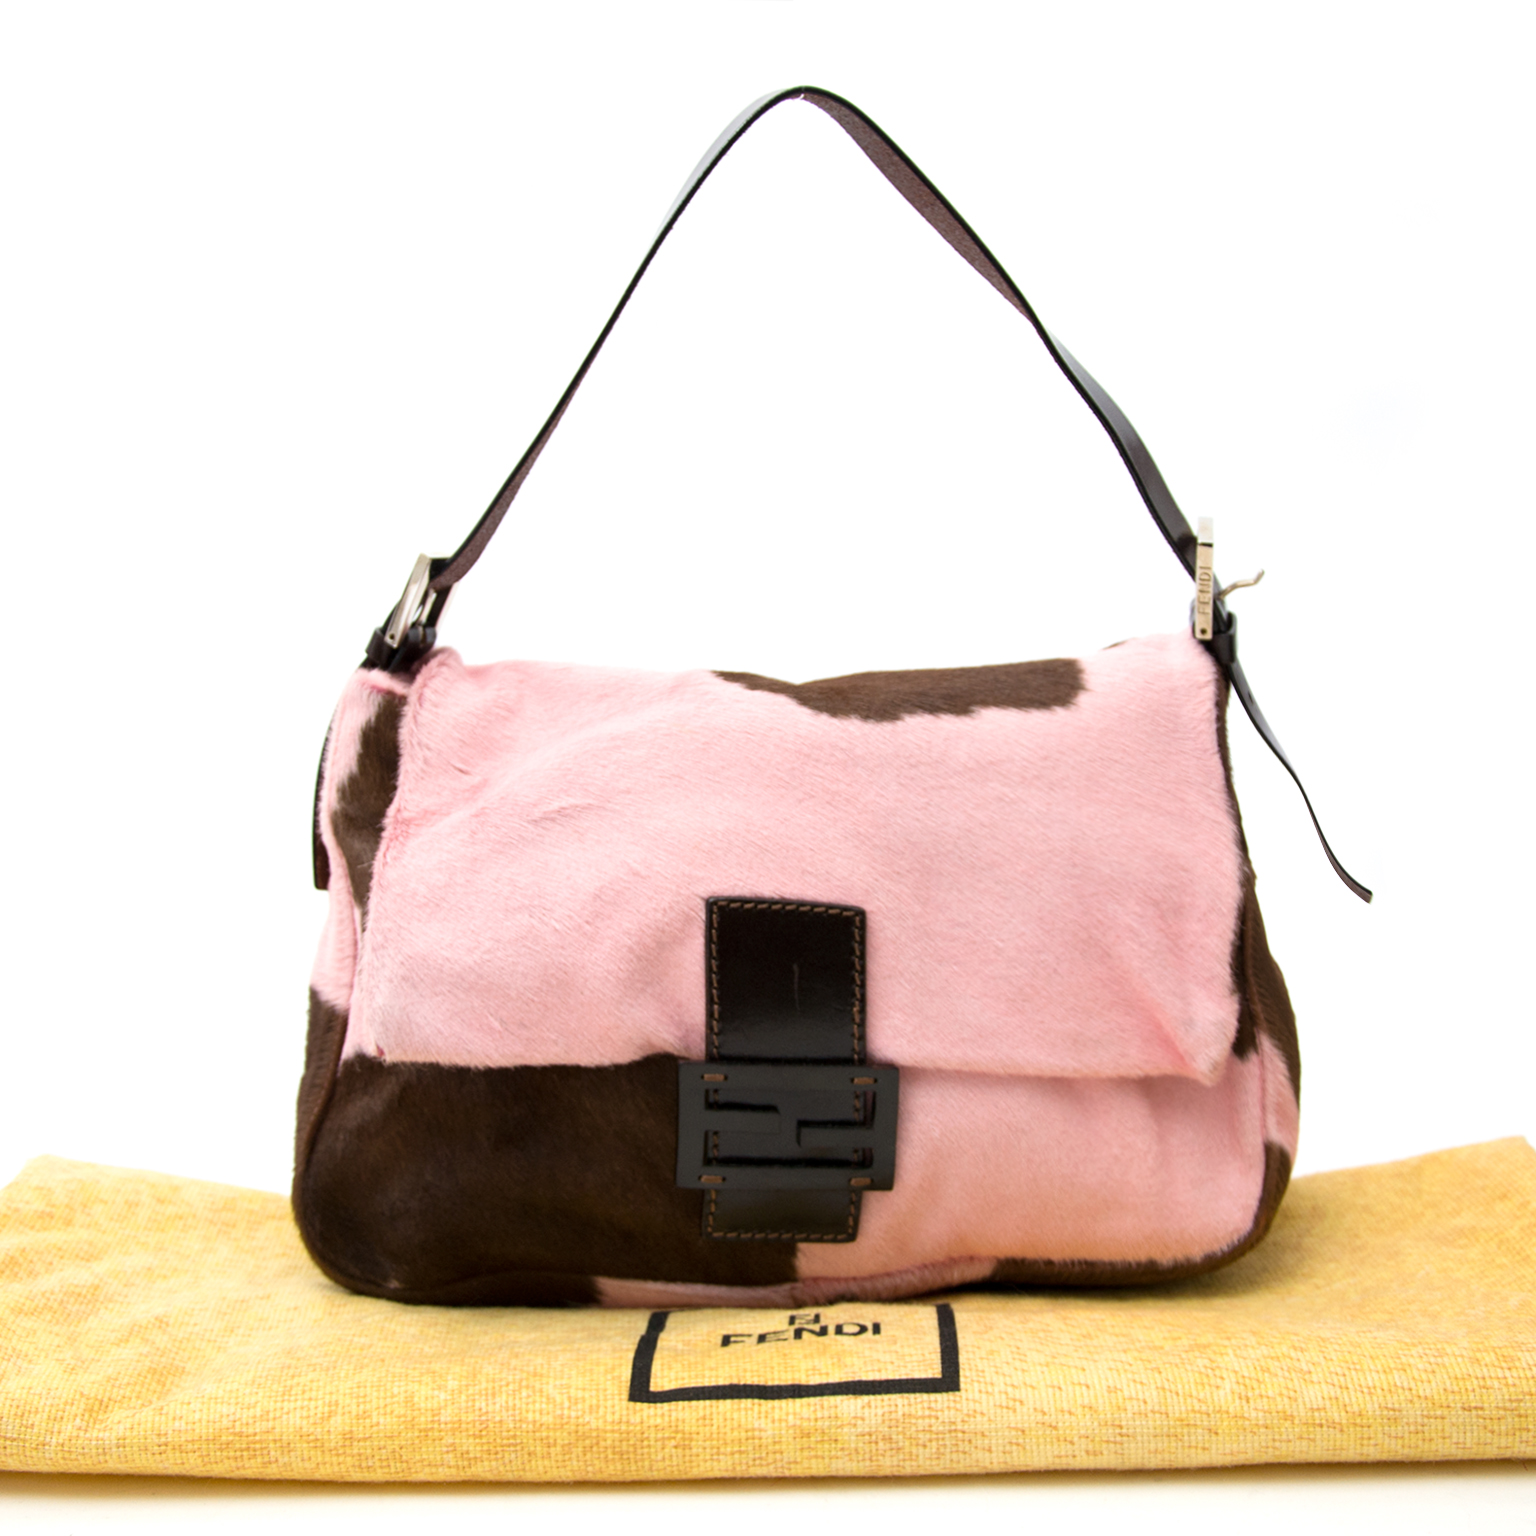 acheter en ligne pour le meilleur prix sac a main Fendi Medium Pony Hair Baguette